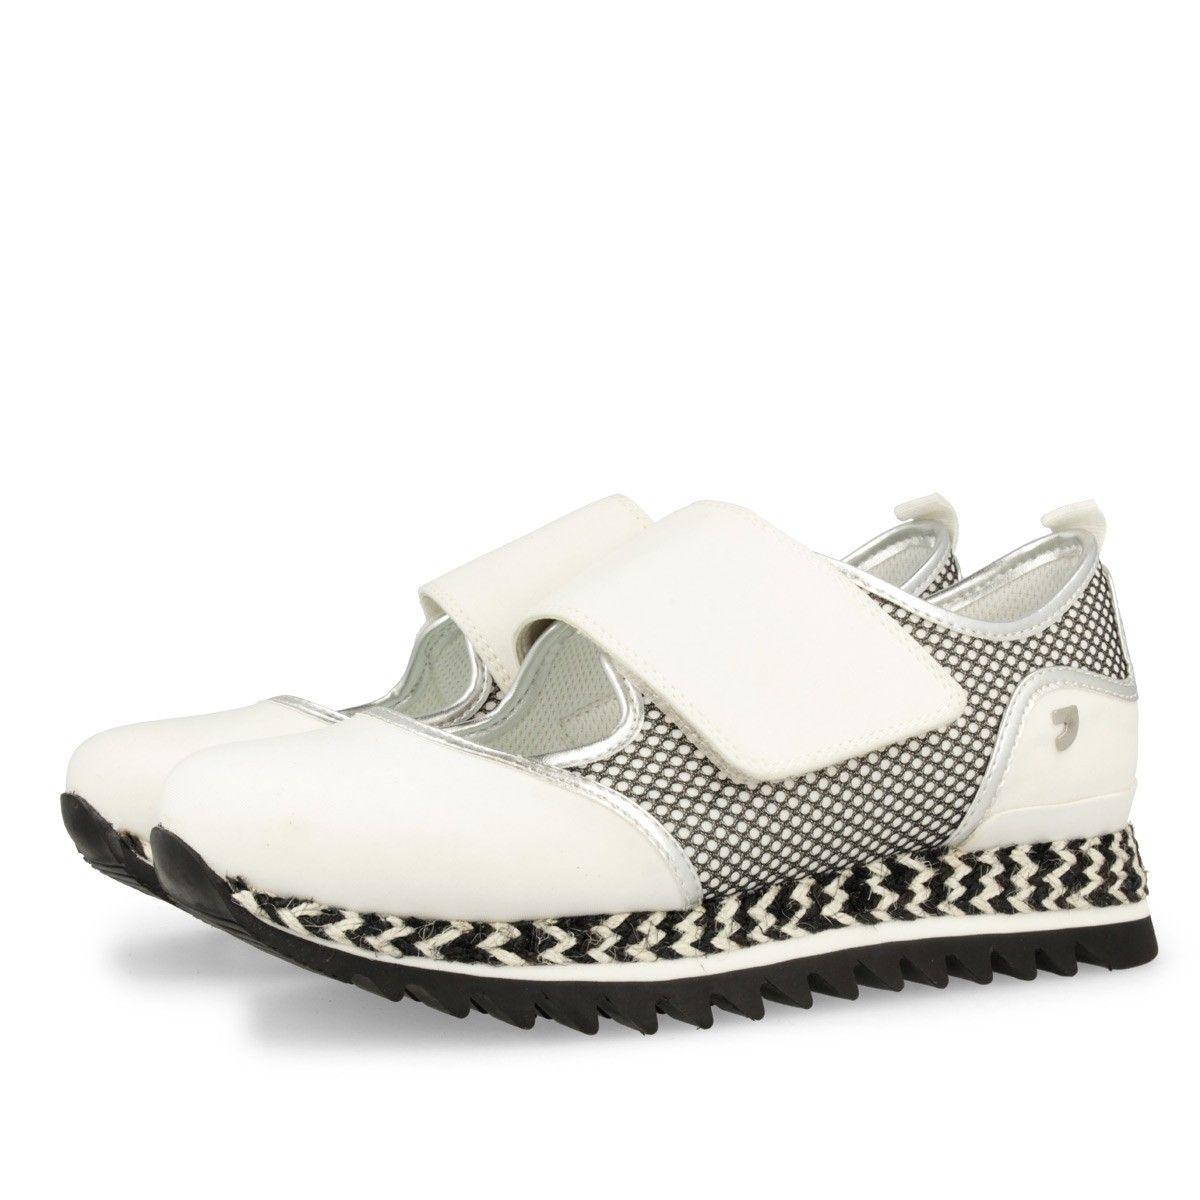 de blanco VENOMKick Footwear en Sneakers mujer Ass 0wmn8vNO